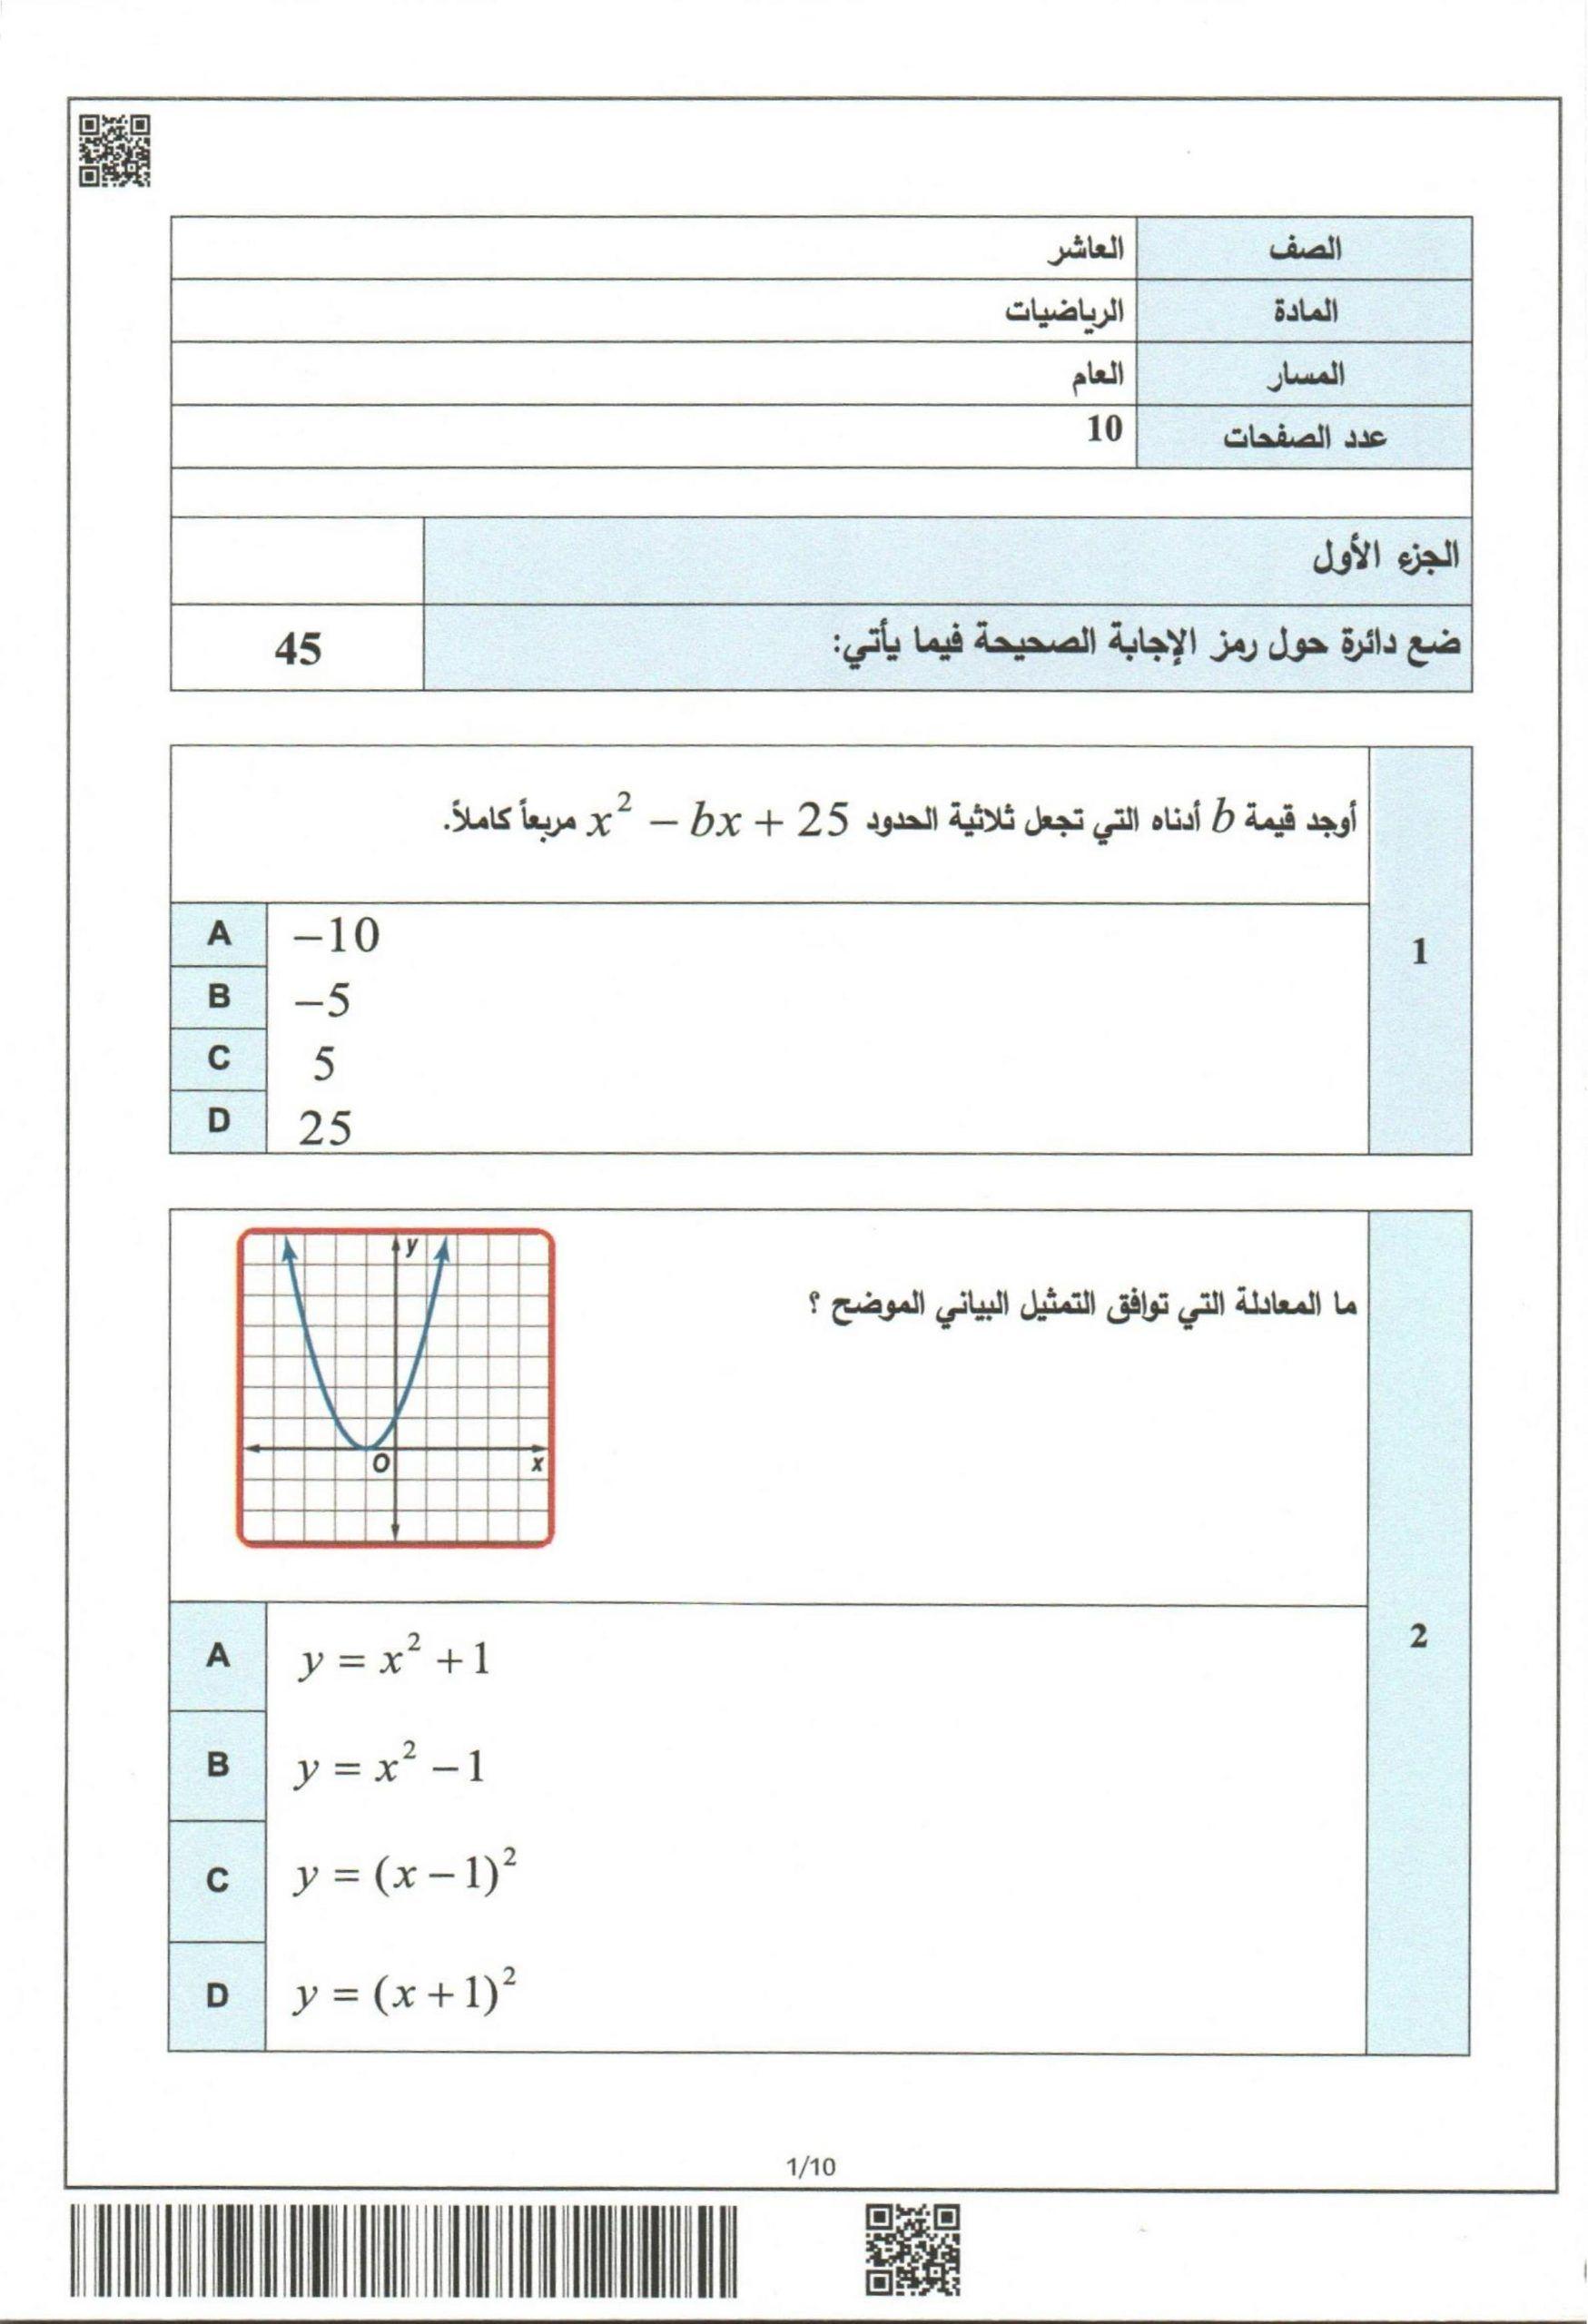 امتحان نهاية الفصل الدراسي الاول 2019 2020 الصف العاشر عام مادة الرياضيات المتكاملة Chart Bar Chart Line Chart